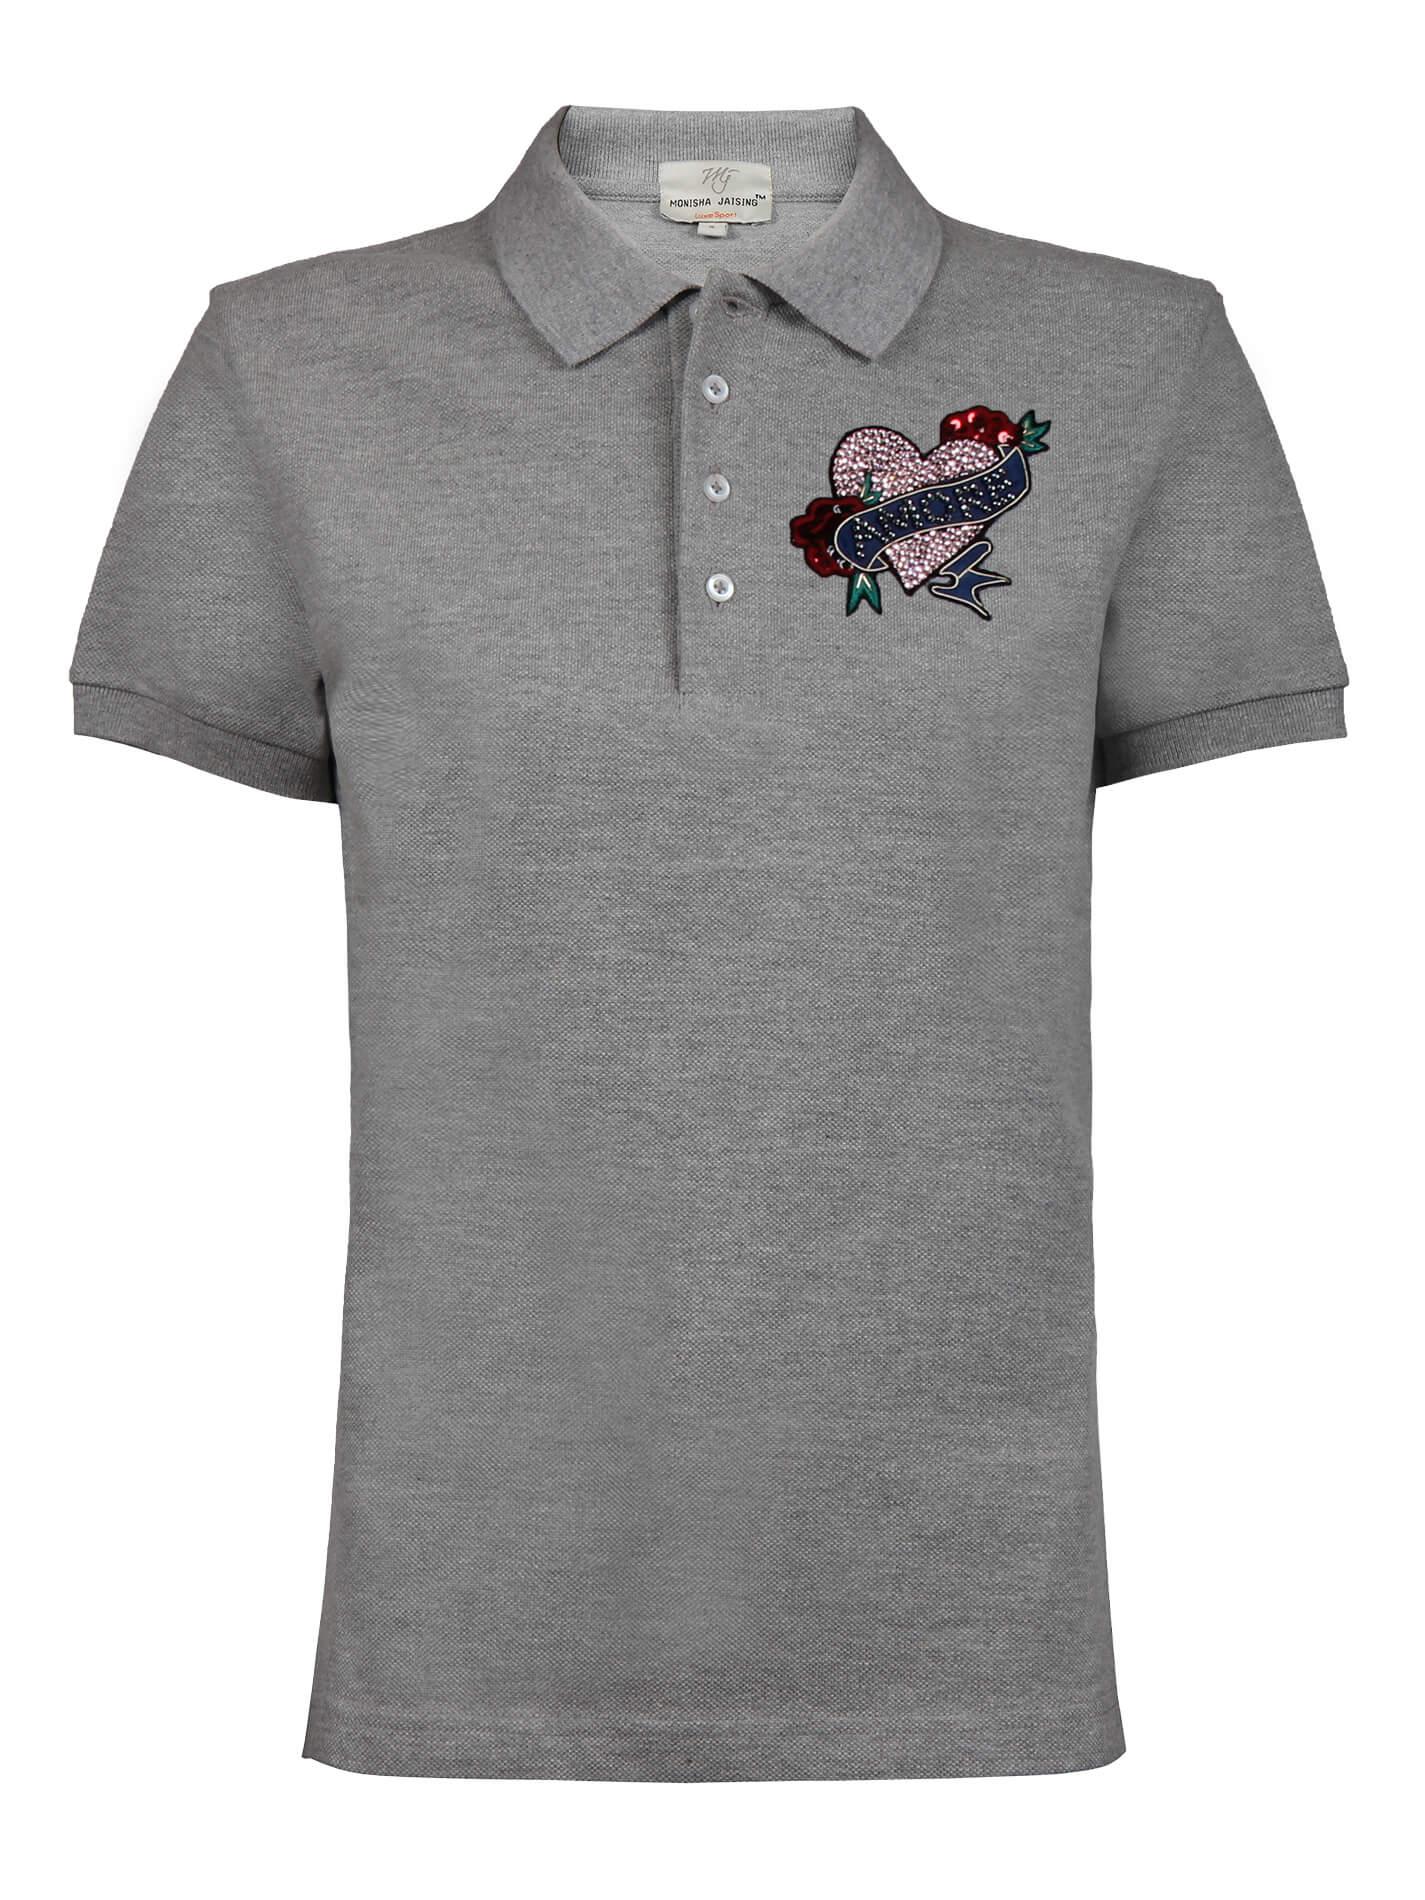 grey amore tshirt.jpg